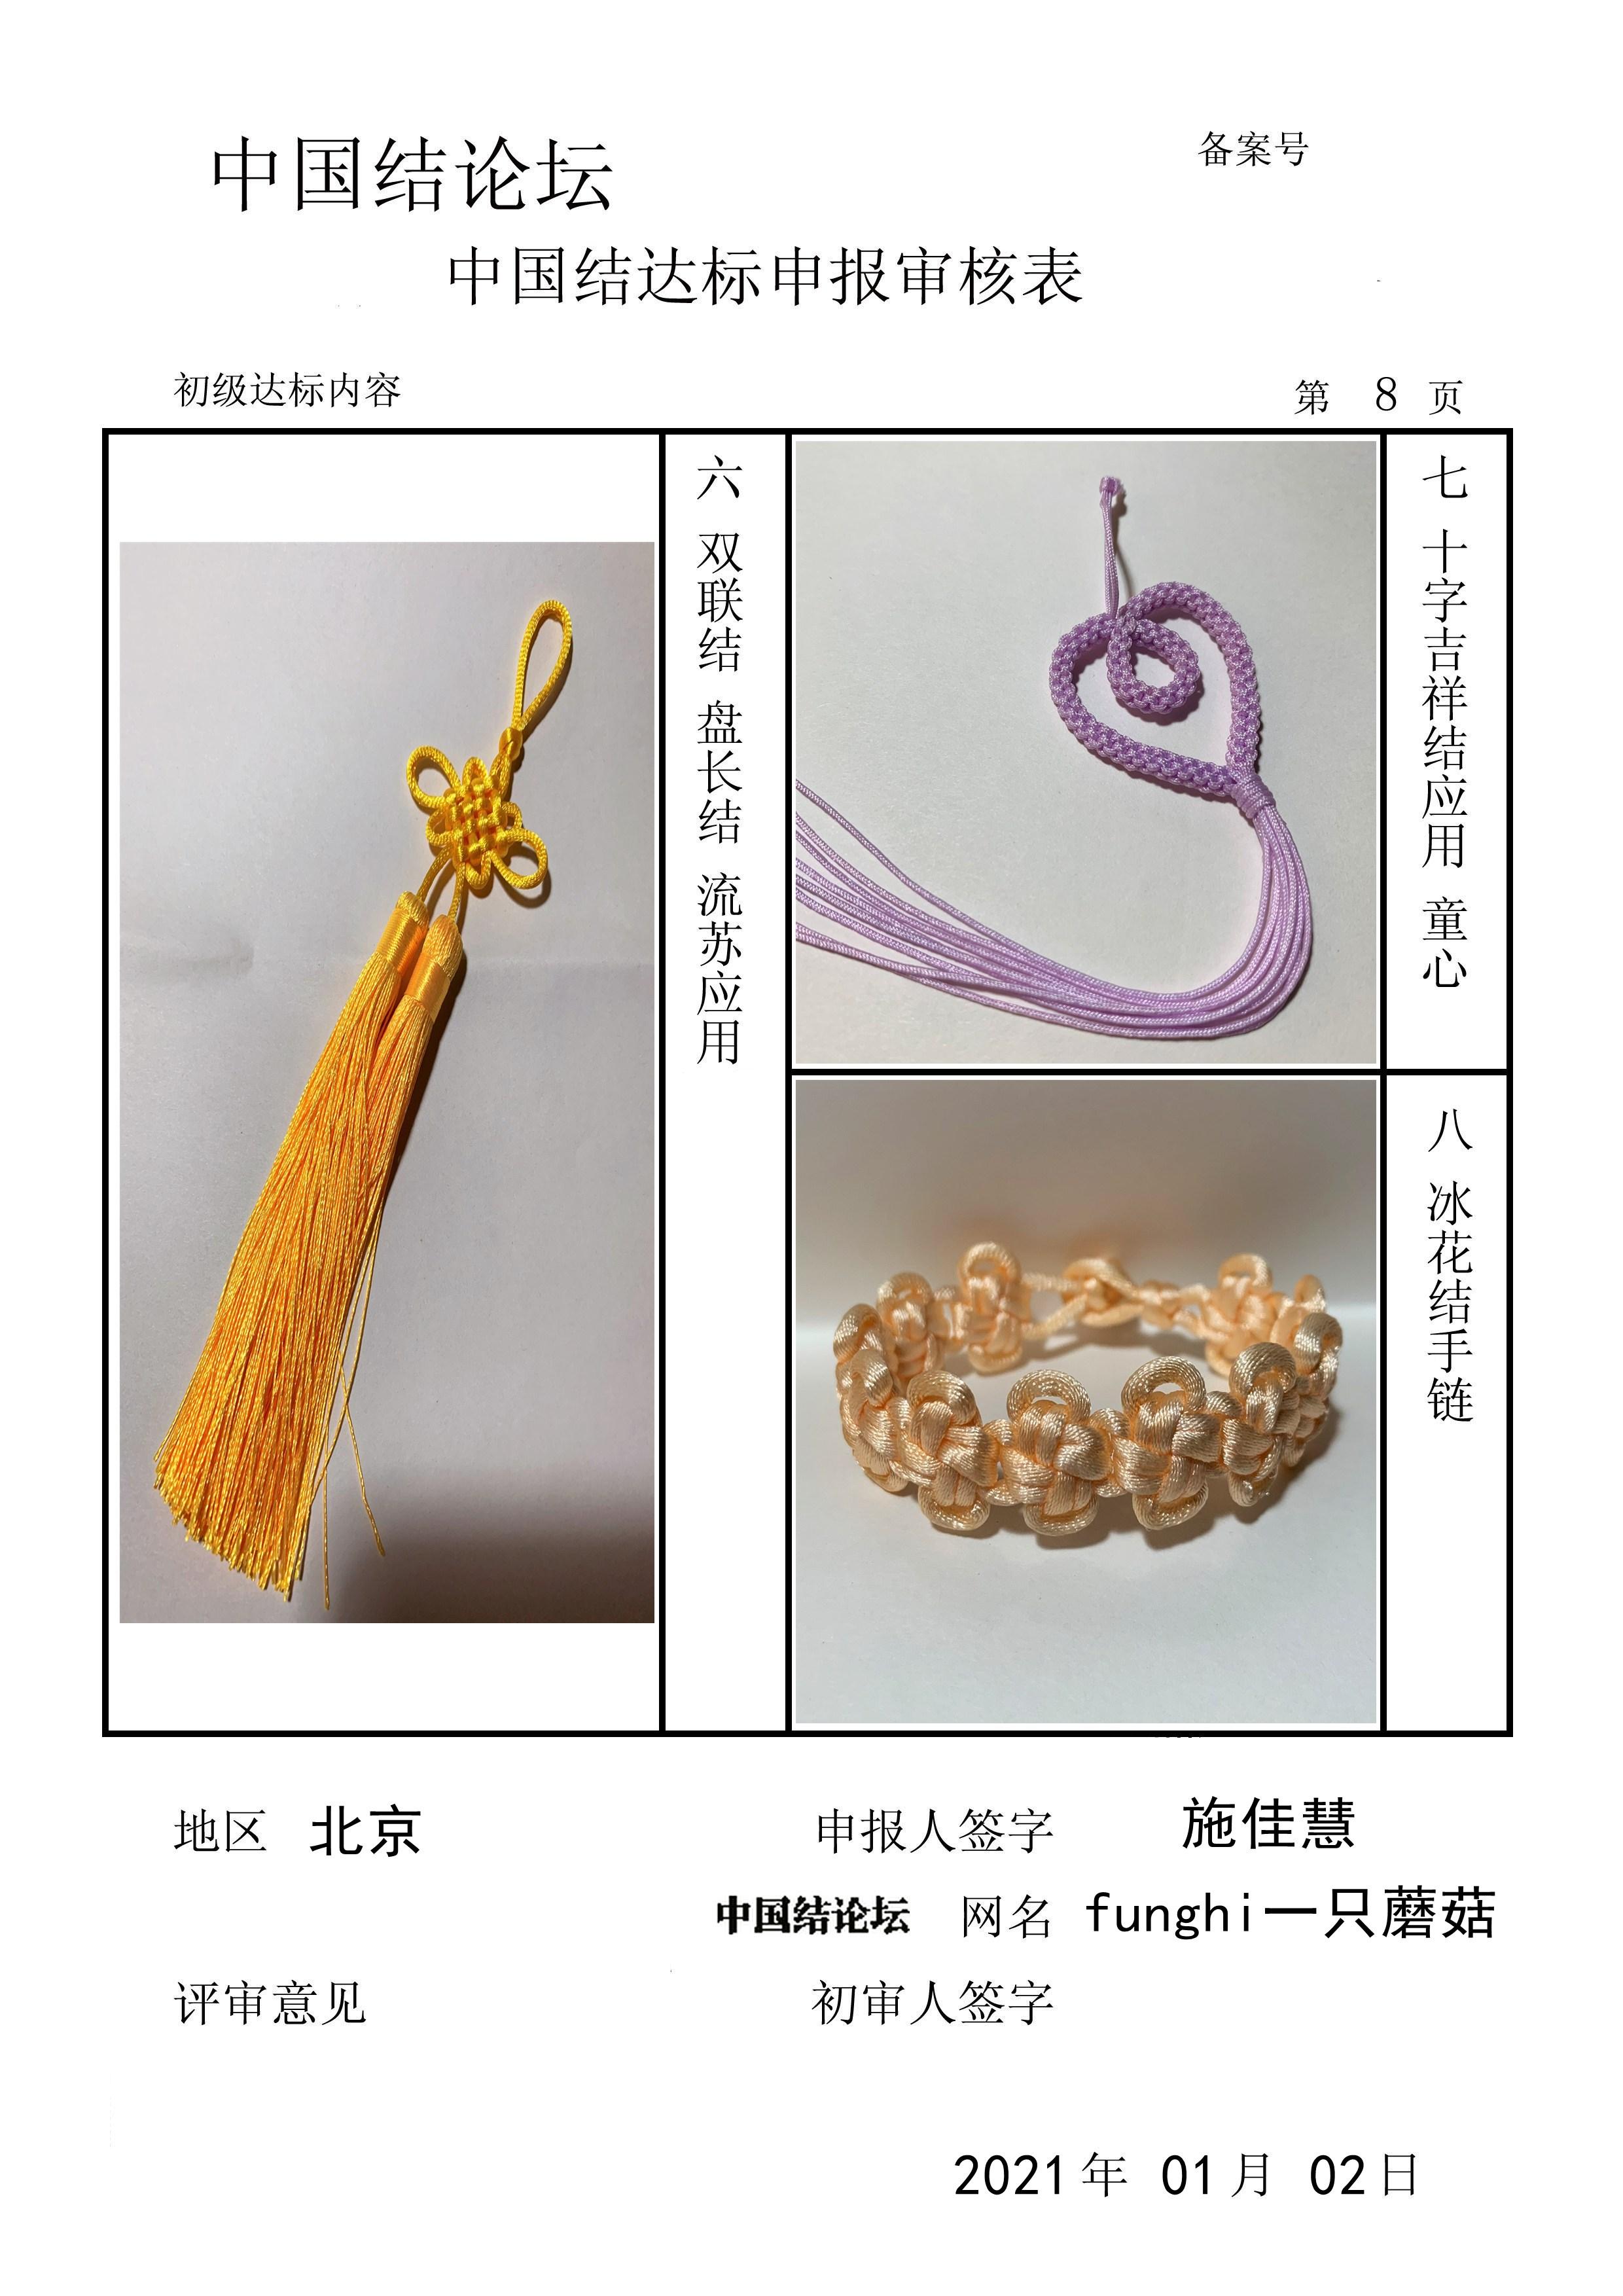 中国结论坛 funghi一只蘑菇——初级达标审核申请 蘑菇丁企业审核多久,蘑菇贷坑人,白蘑菇,蘑菇,一什么蘑菇 中国绳结艺术分级达标审核 230039nf39vfofz7disf9v